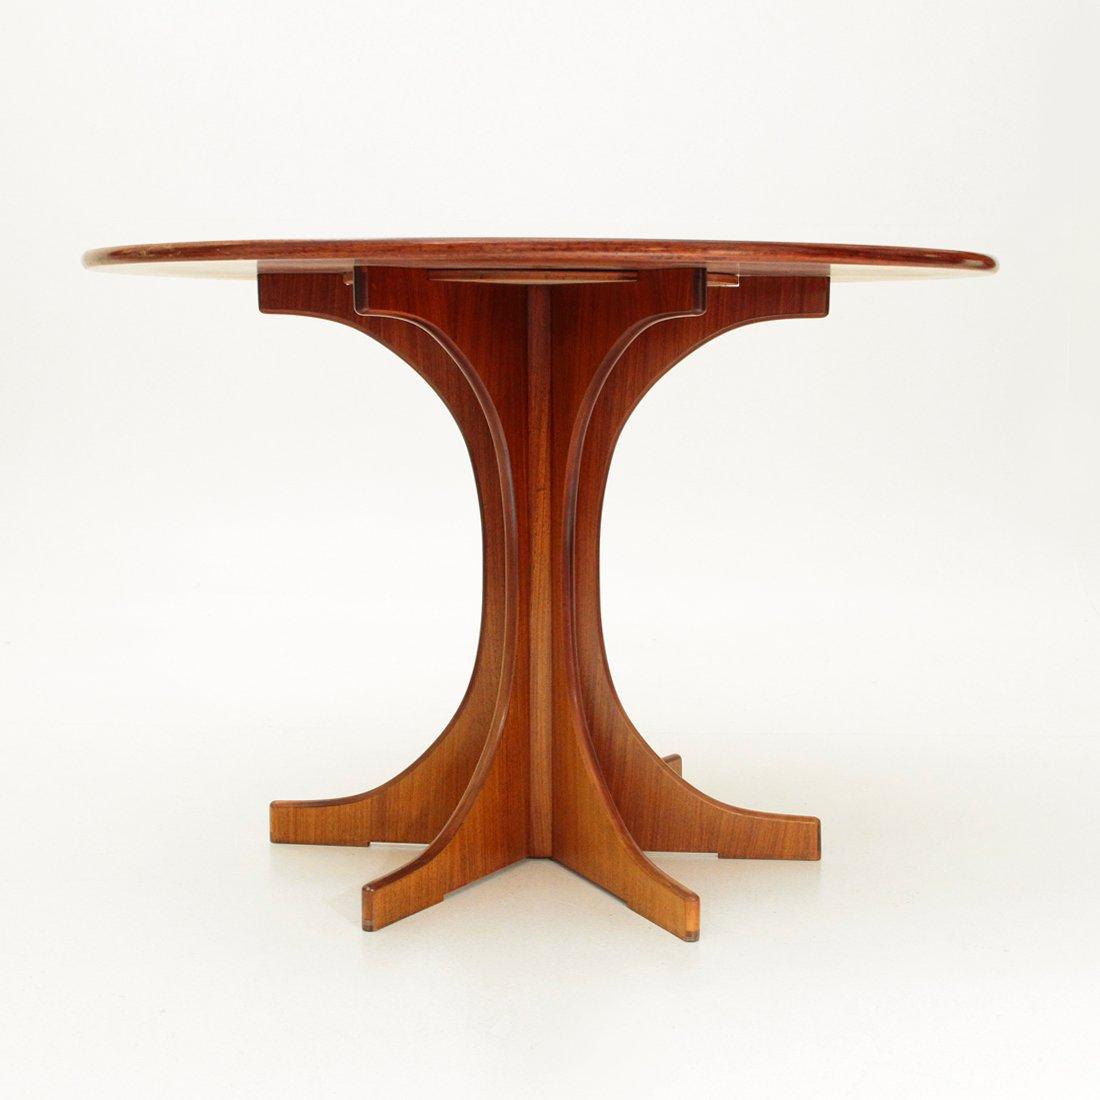 runder italienischer esstisch aus holz 1960er bei pamono kaufen. Black Bedroom Furniture Sets. Home Design Ideas